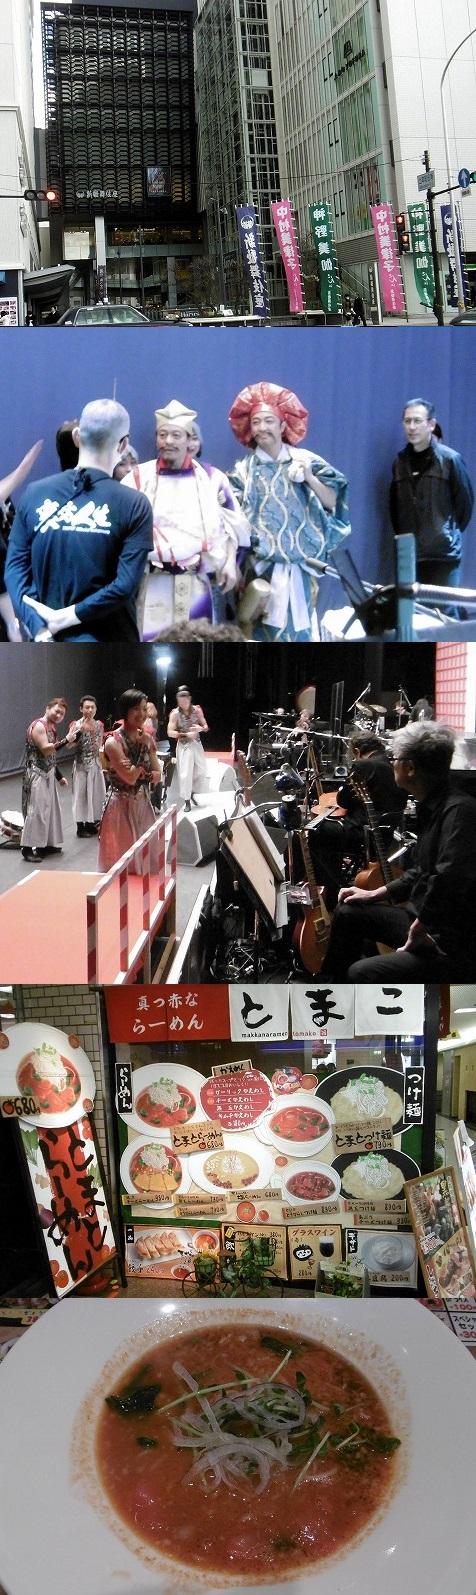 20150110新歌舞伎座9日目